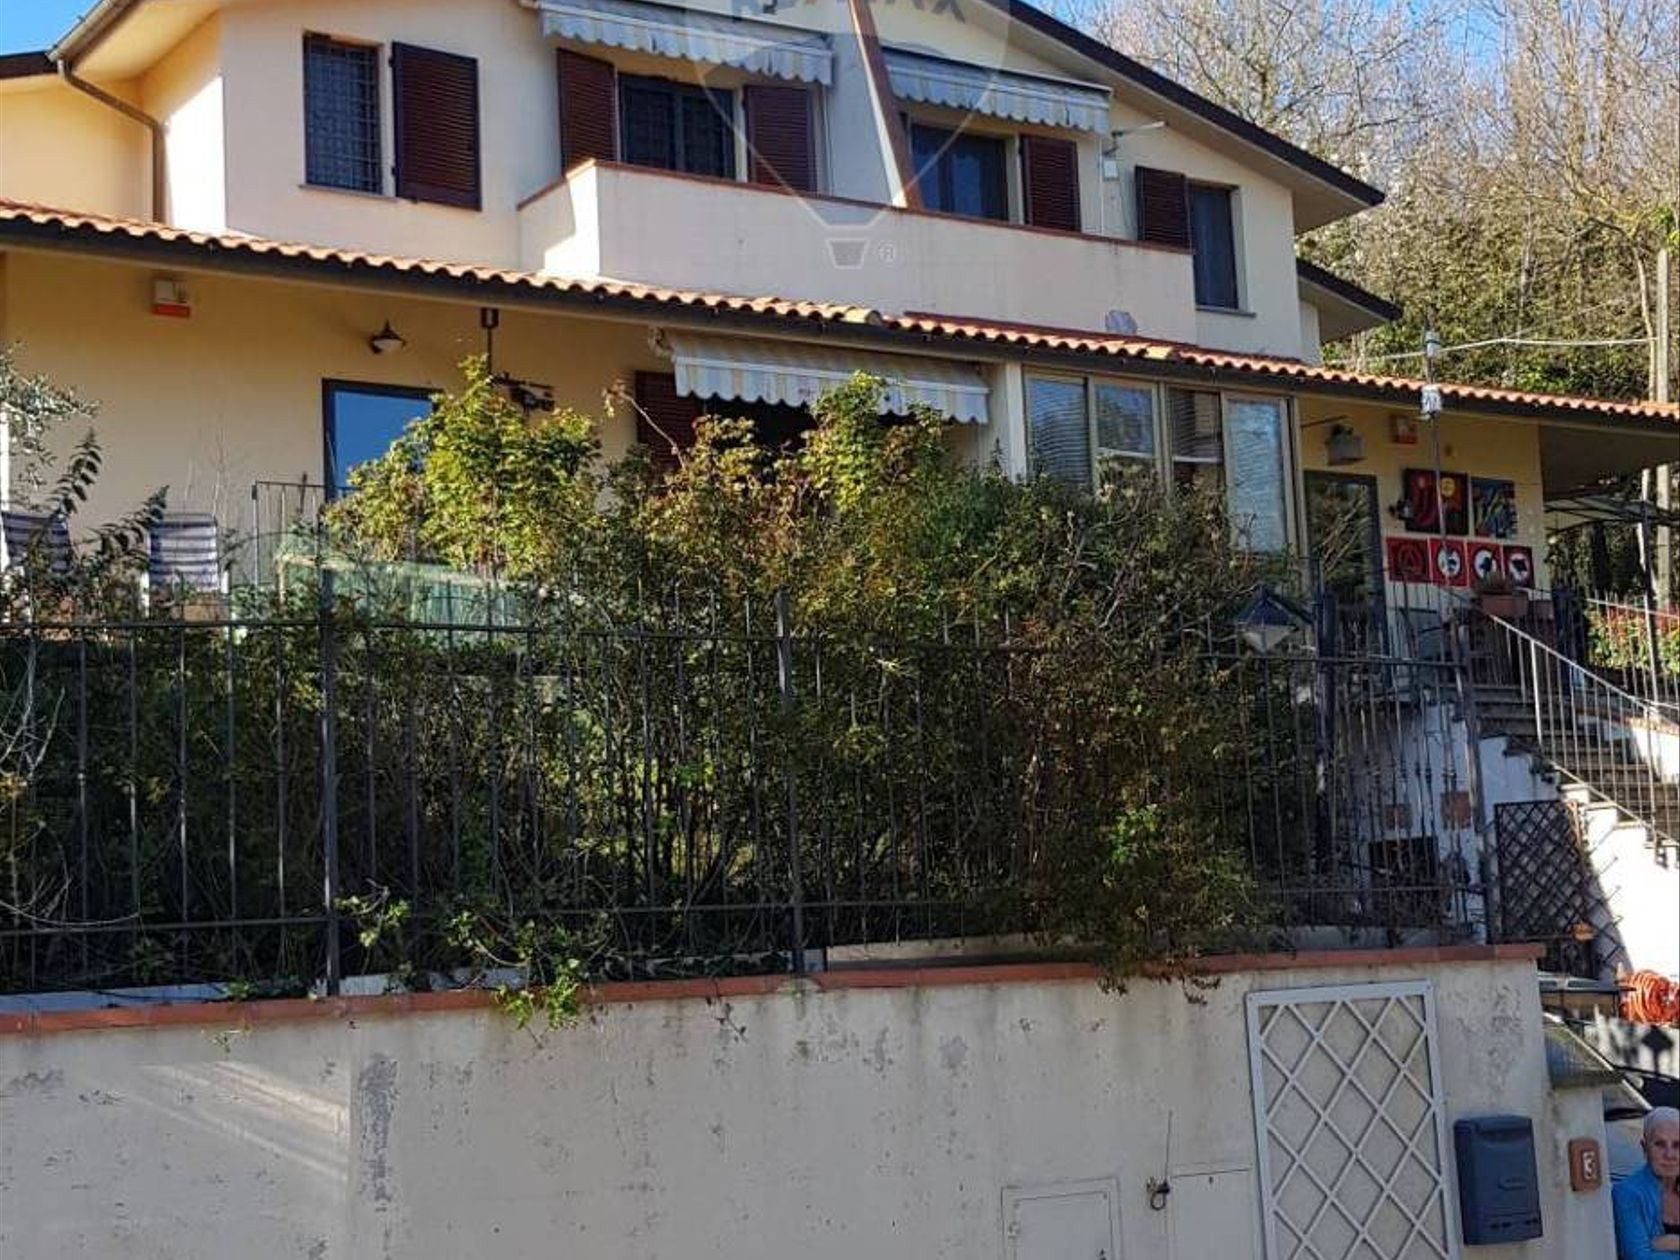 Casa Indipendente Mangona, Barberino di Mugello, FI Vendita - Foto 3